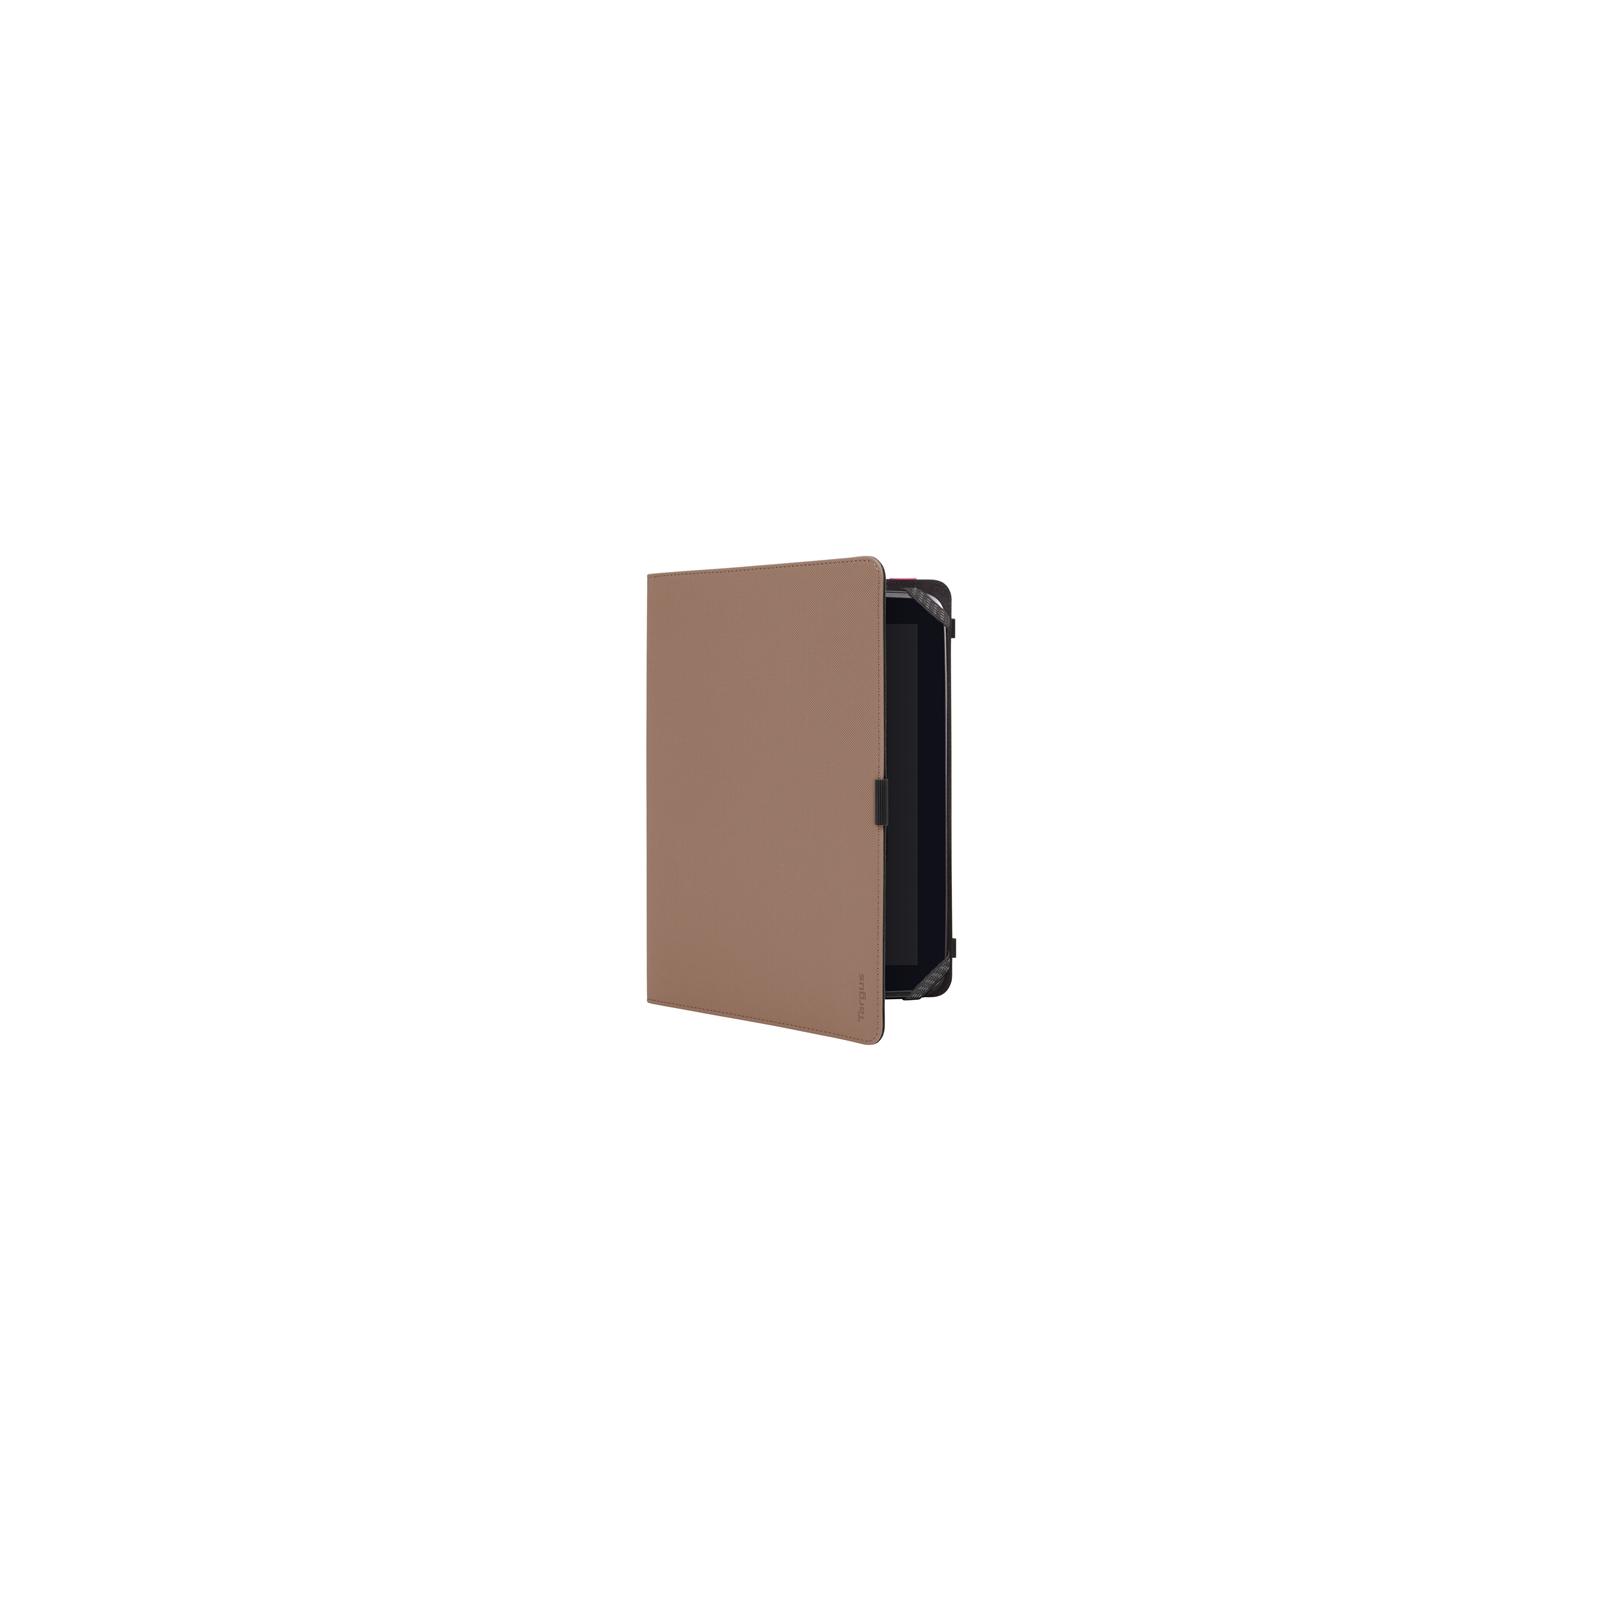 """Чехол для планшета Targus 9-10"""" Universal BEIGE book (THZ33903EU) изображение 2"""